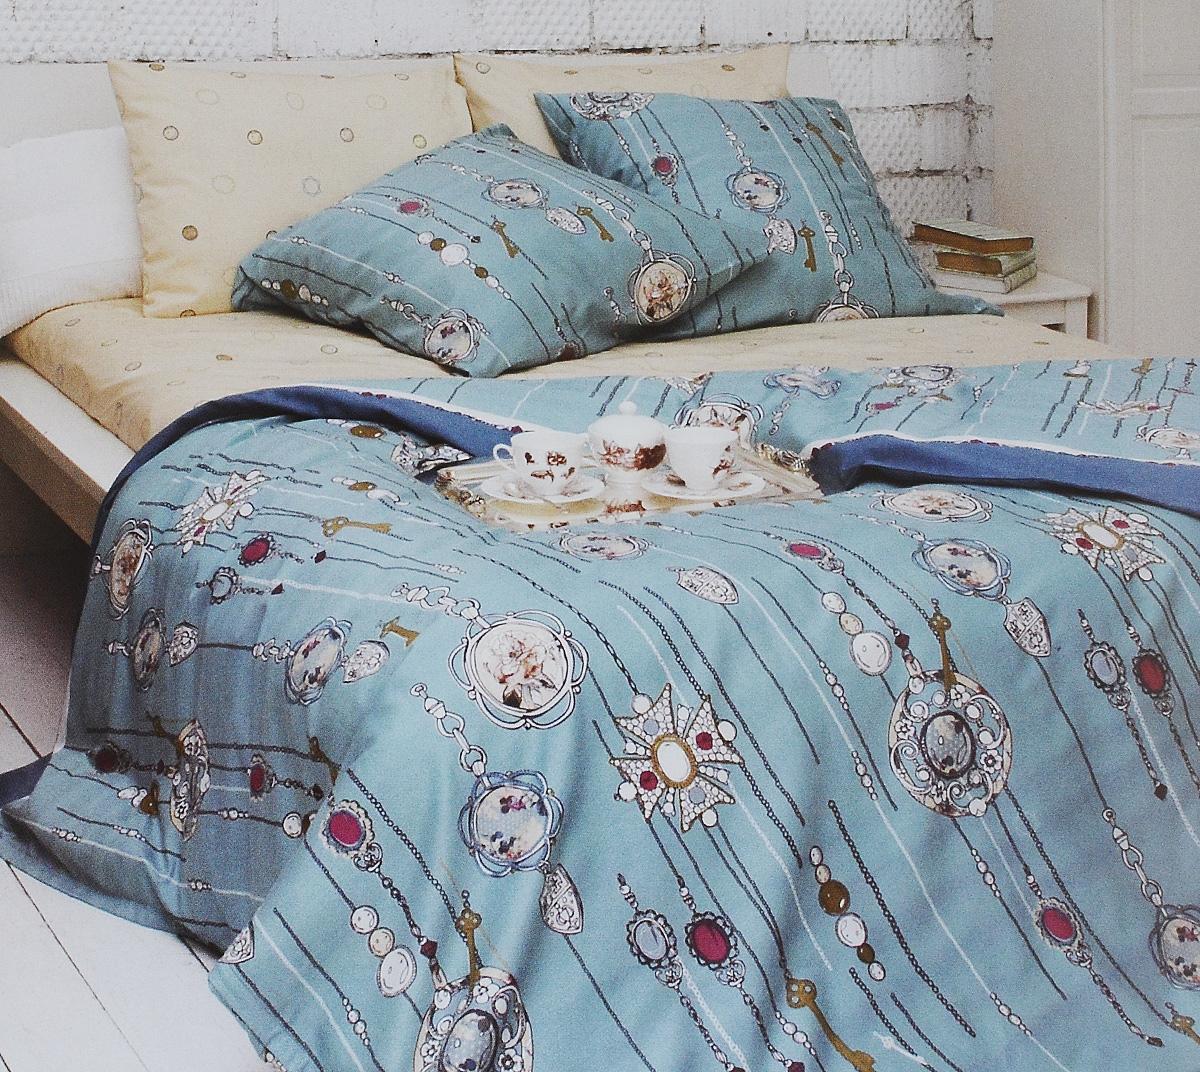 Комплект белья Tiffanys Secret, 1,5-спальный, наволочки 70х70, цвет: бирюзовый, белый, бежевый2040815162Комплект постельного белья Tiffanys Secret является экологически безопасным для всей семьи, так как выполнен из сатина (100% хлопок). Комплект состоит из пододеяльника, простыни и двух наволочек. Предметы комплекта оформлены оригинальным рисунком. Благодаря такому комплекту постельного белья вы сможете создать атмосферу уюта и комфорта в вашей спальне. Сатин - это ткань, навсегда покорившая сердца человечества. Ценившие роскошь персы называли ее атлас, а искушенные в прекрасном французы - сатин. Секрет высококачественного сатина в безупречности всего технологического процесса. Эту благородную ткань делают только из отборной натуральной пряжи, которую получают из самого лучшего тонковолокнистого хлопка. Благодаря использованию самой тонкой хлопковой нити получается необычайно мягкое и нежное полотно. Сатиновое постельное белье превращает жаркие летние ночи в прохладные и освежающие, а холодные зимние - в теплые и согревающие. Сатин очень...